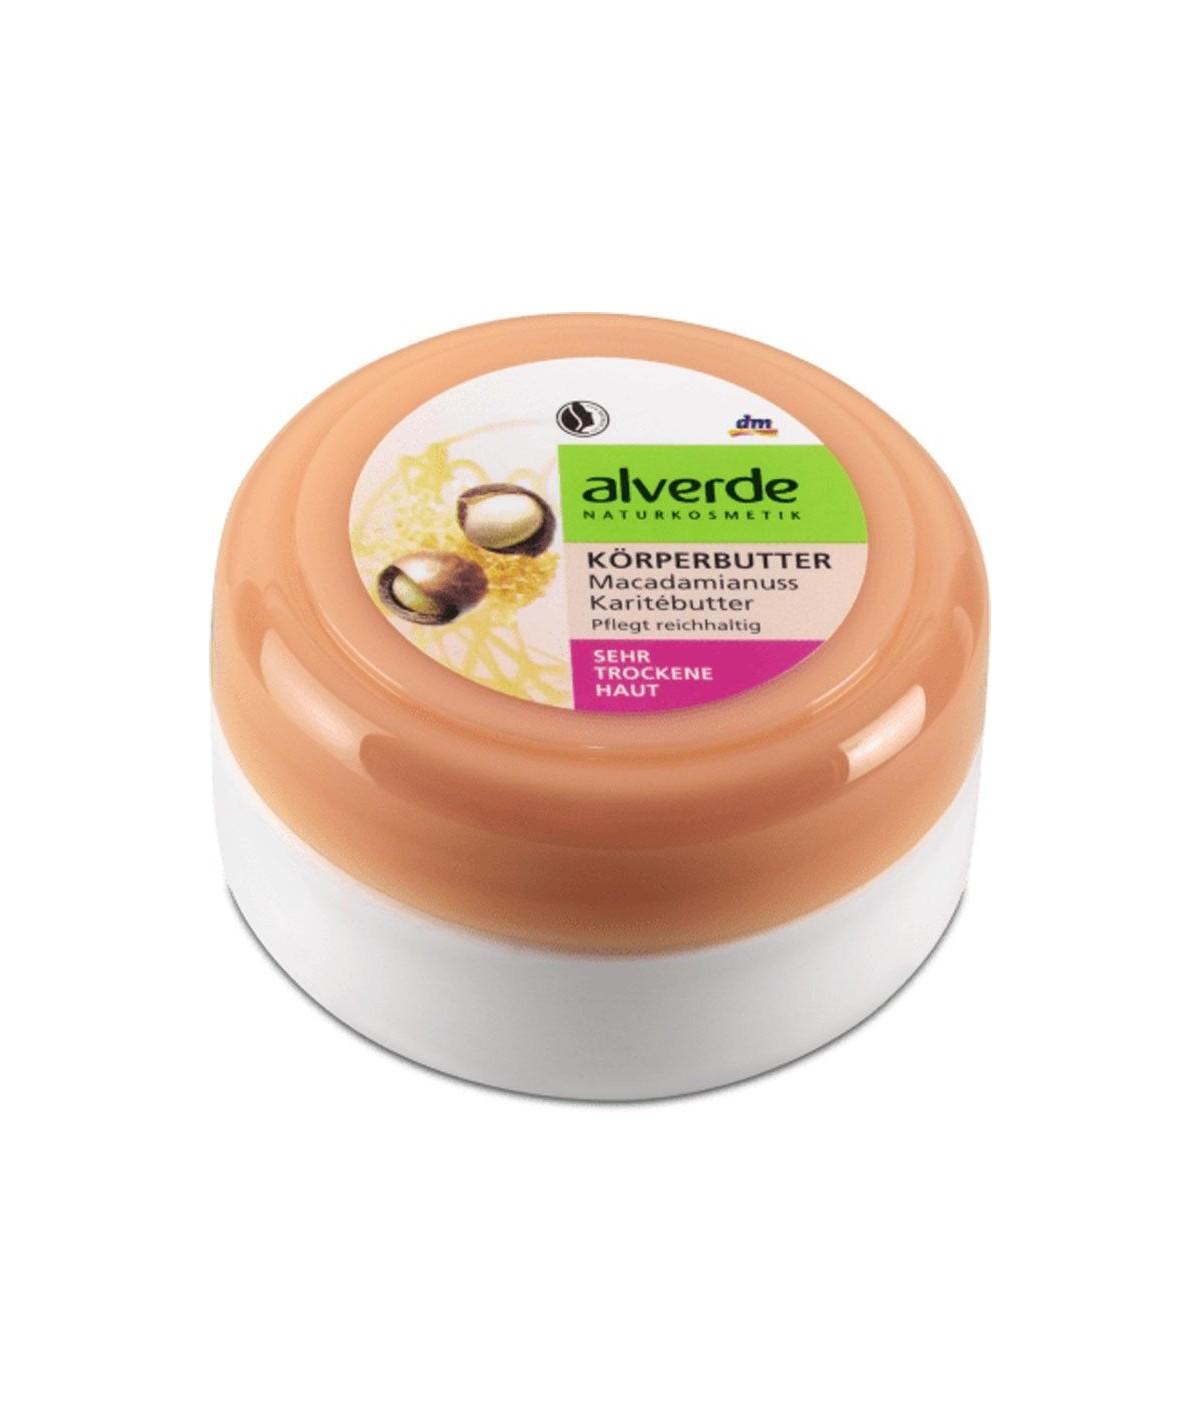 Beurre corporel beurre de karité aux noix de macadamia, 200 ml